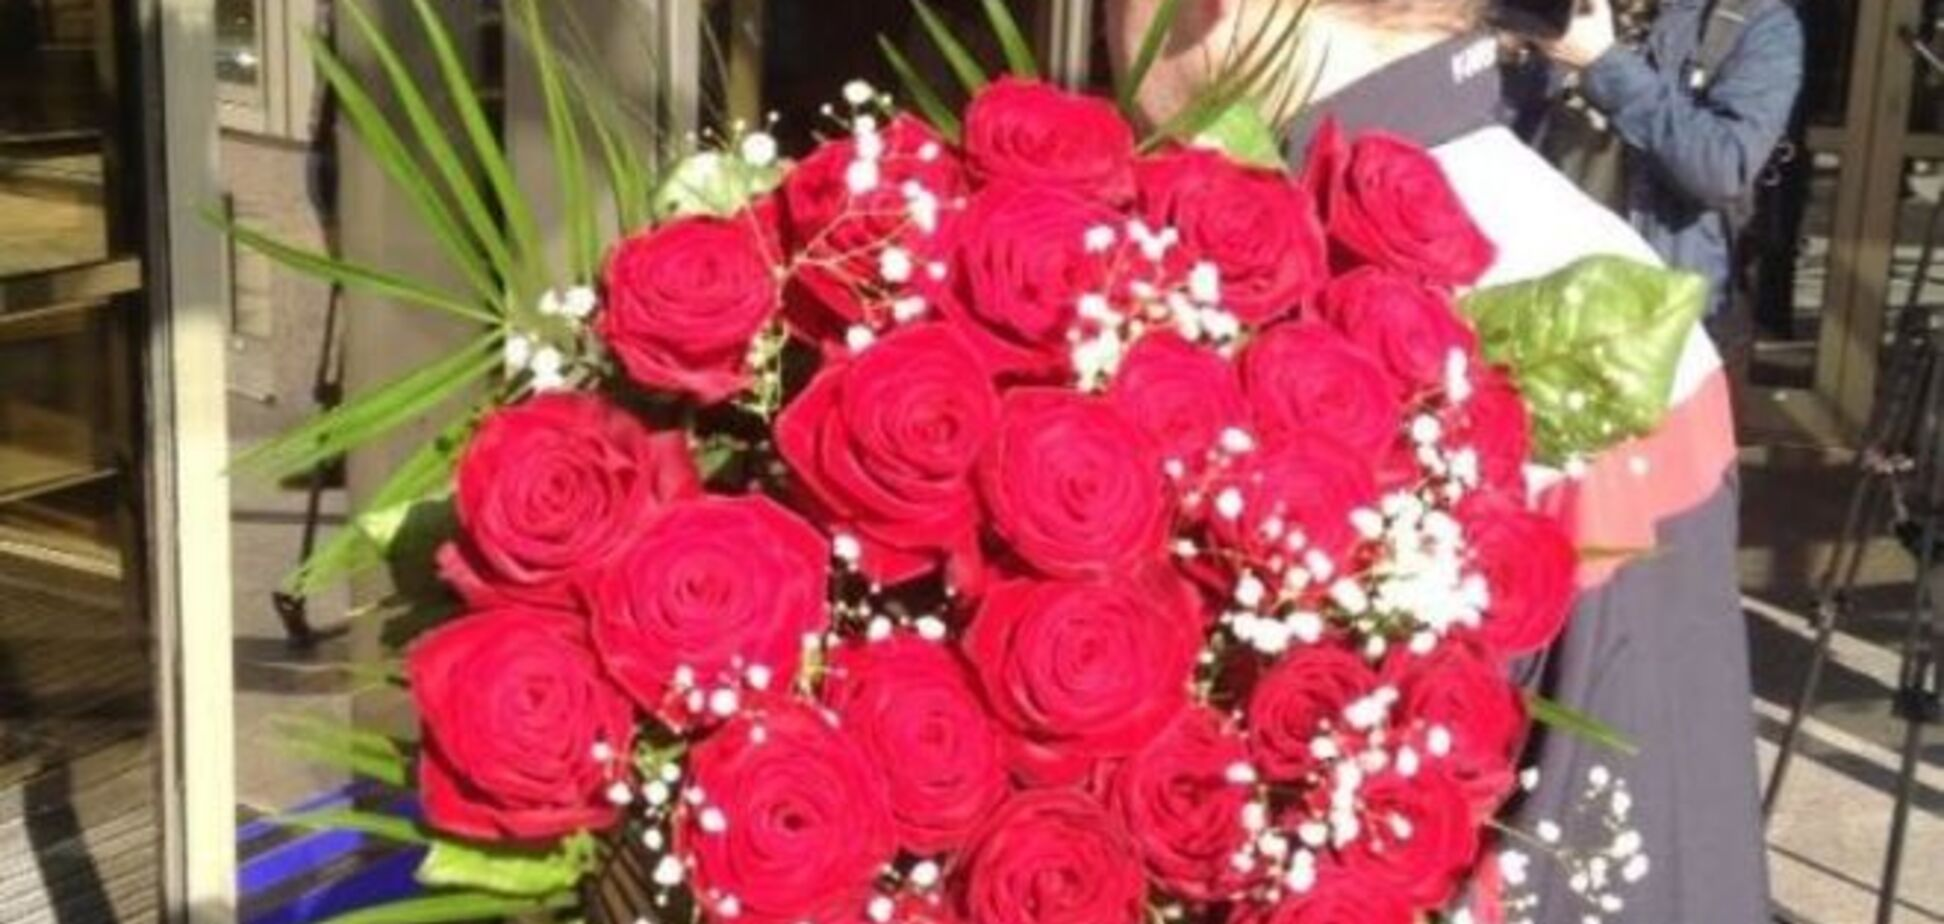 В ФФУ уже приготовили цветы для нового президента: фото букета